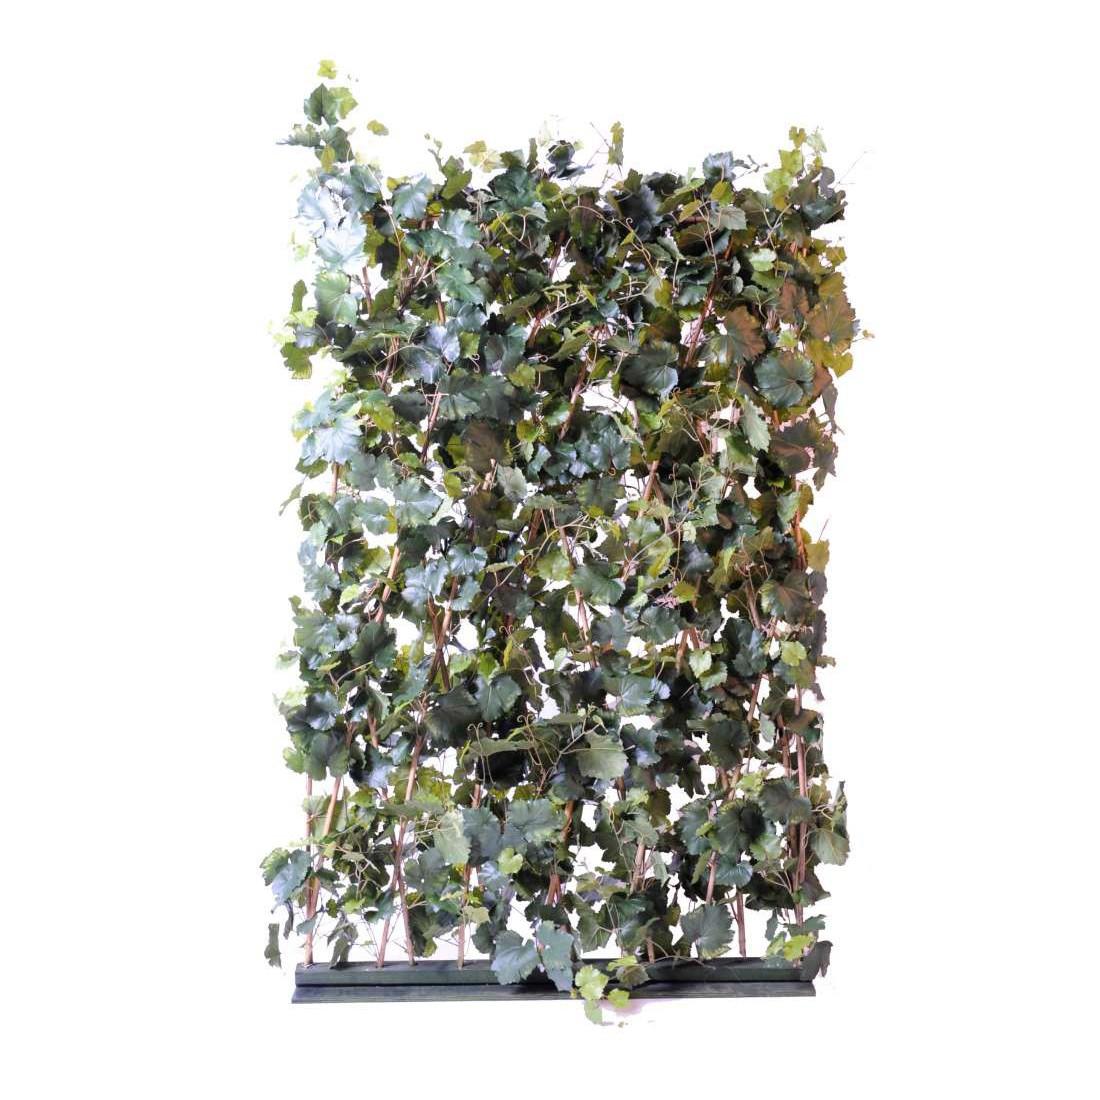 haie artificielle de vigne 180 cm haies et murs vegetaux. Black Bedroom Furniture Sets. Home Design Ideas